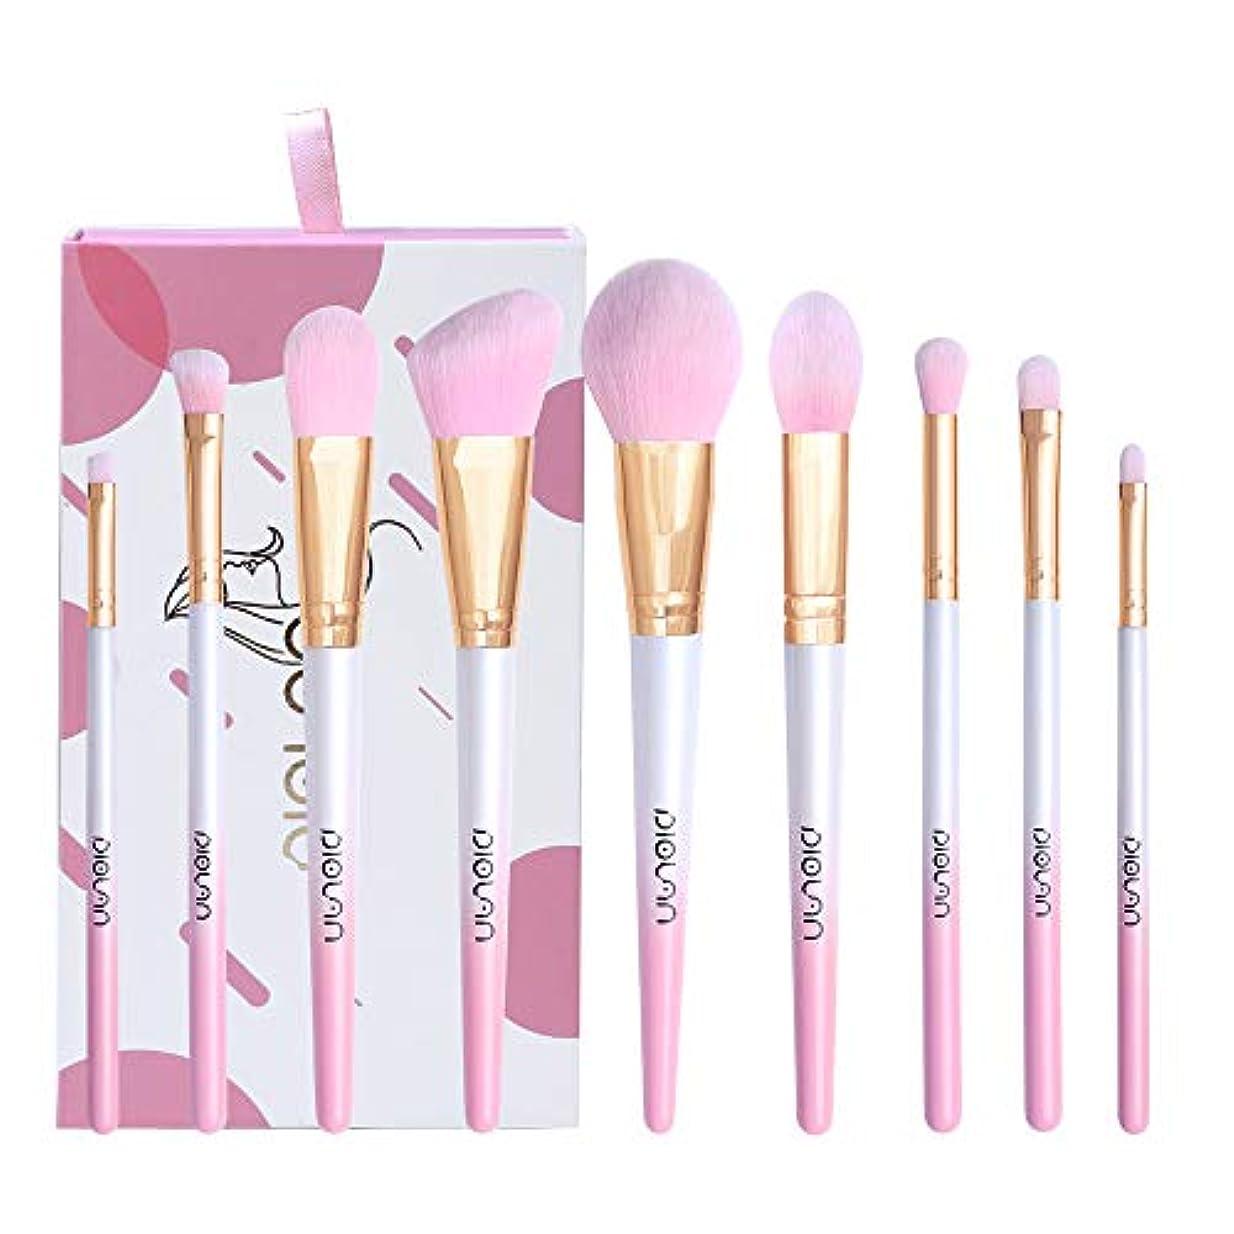 手段バルコニー不運Diolan メイクブラシ 化粧ブラシセット 高級タクロン 超柔らかい 9本セット (桜のピンク)